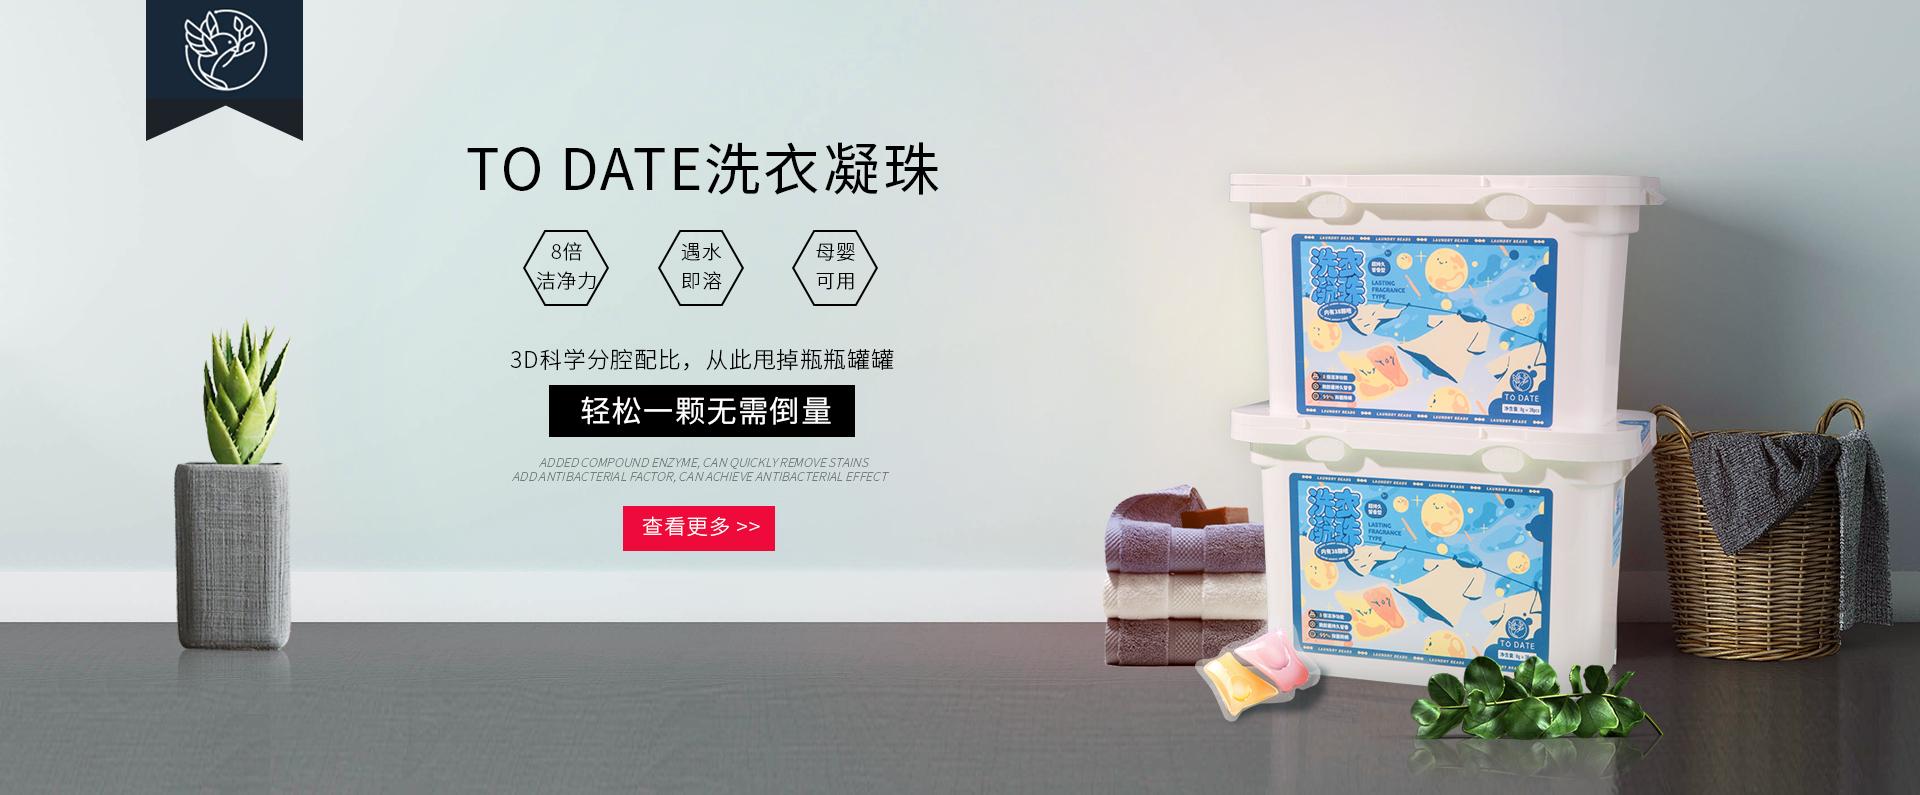 To date内衣洗衣液